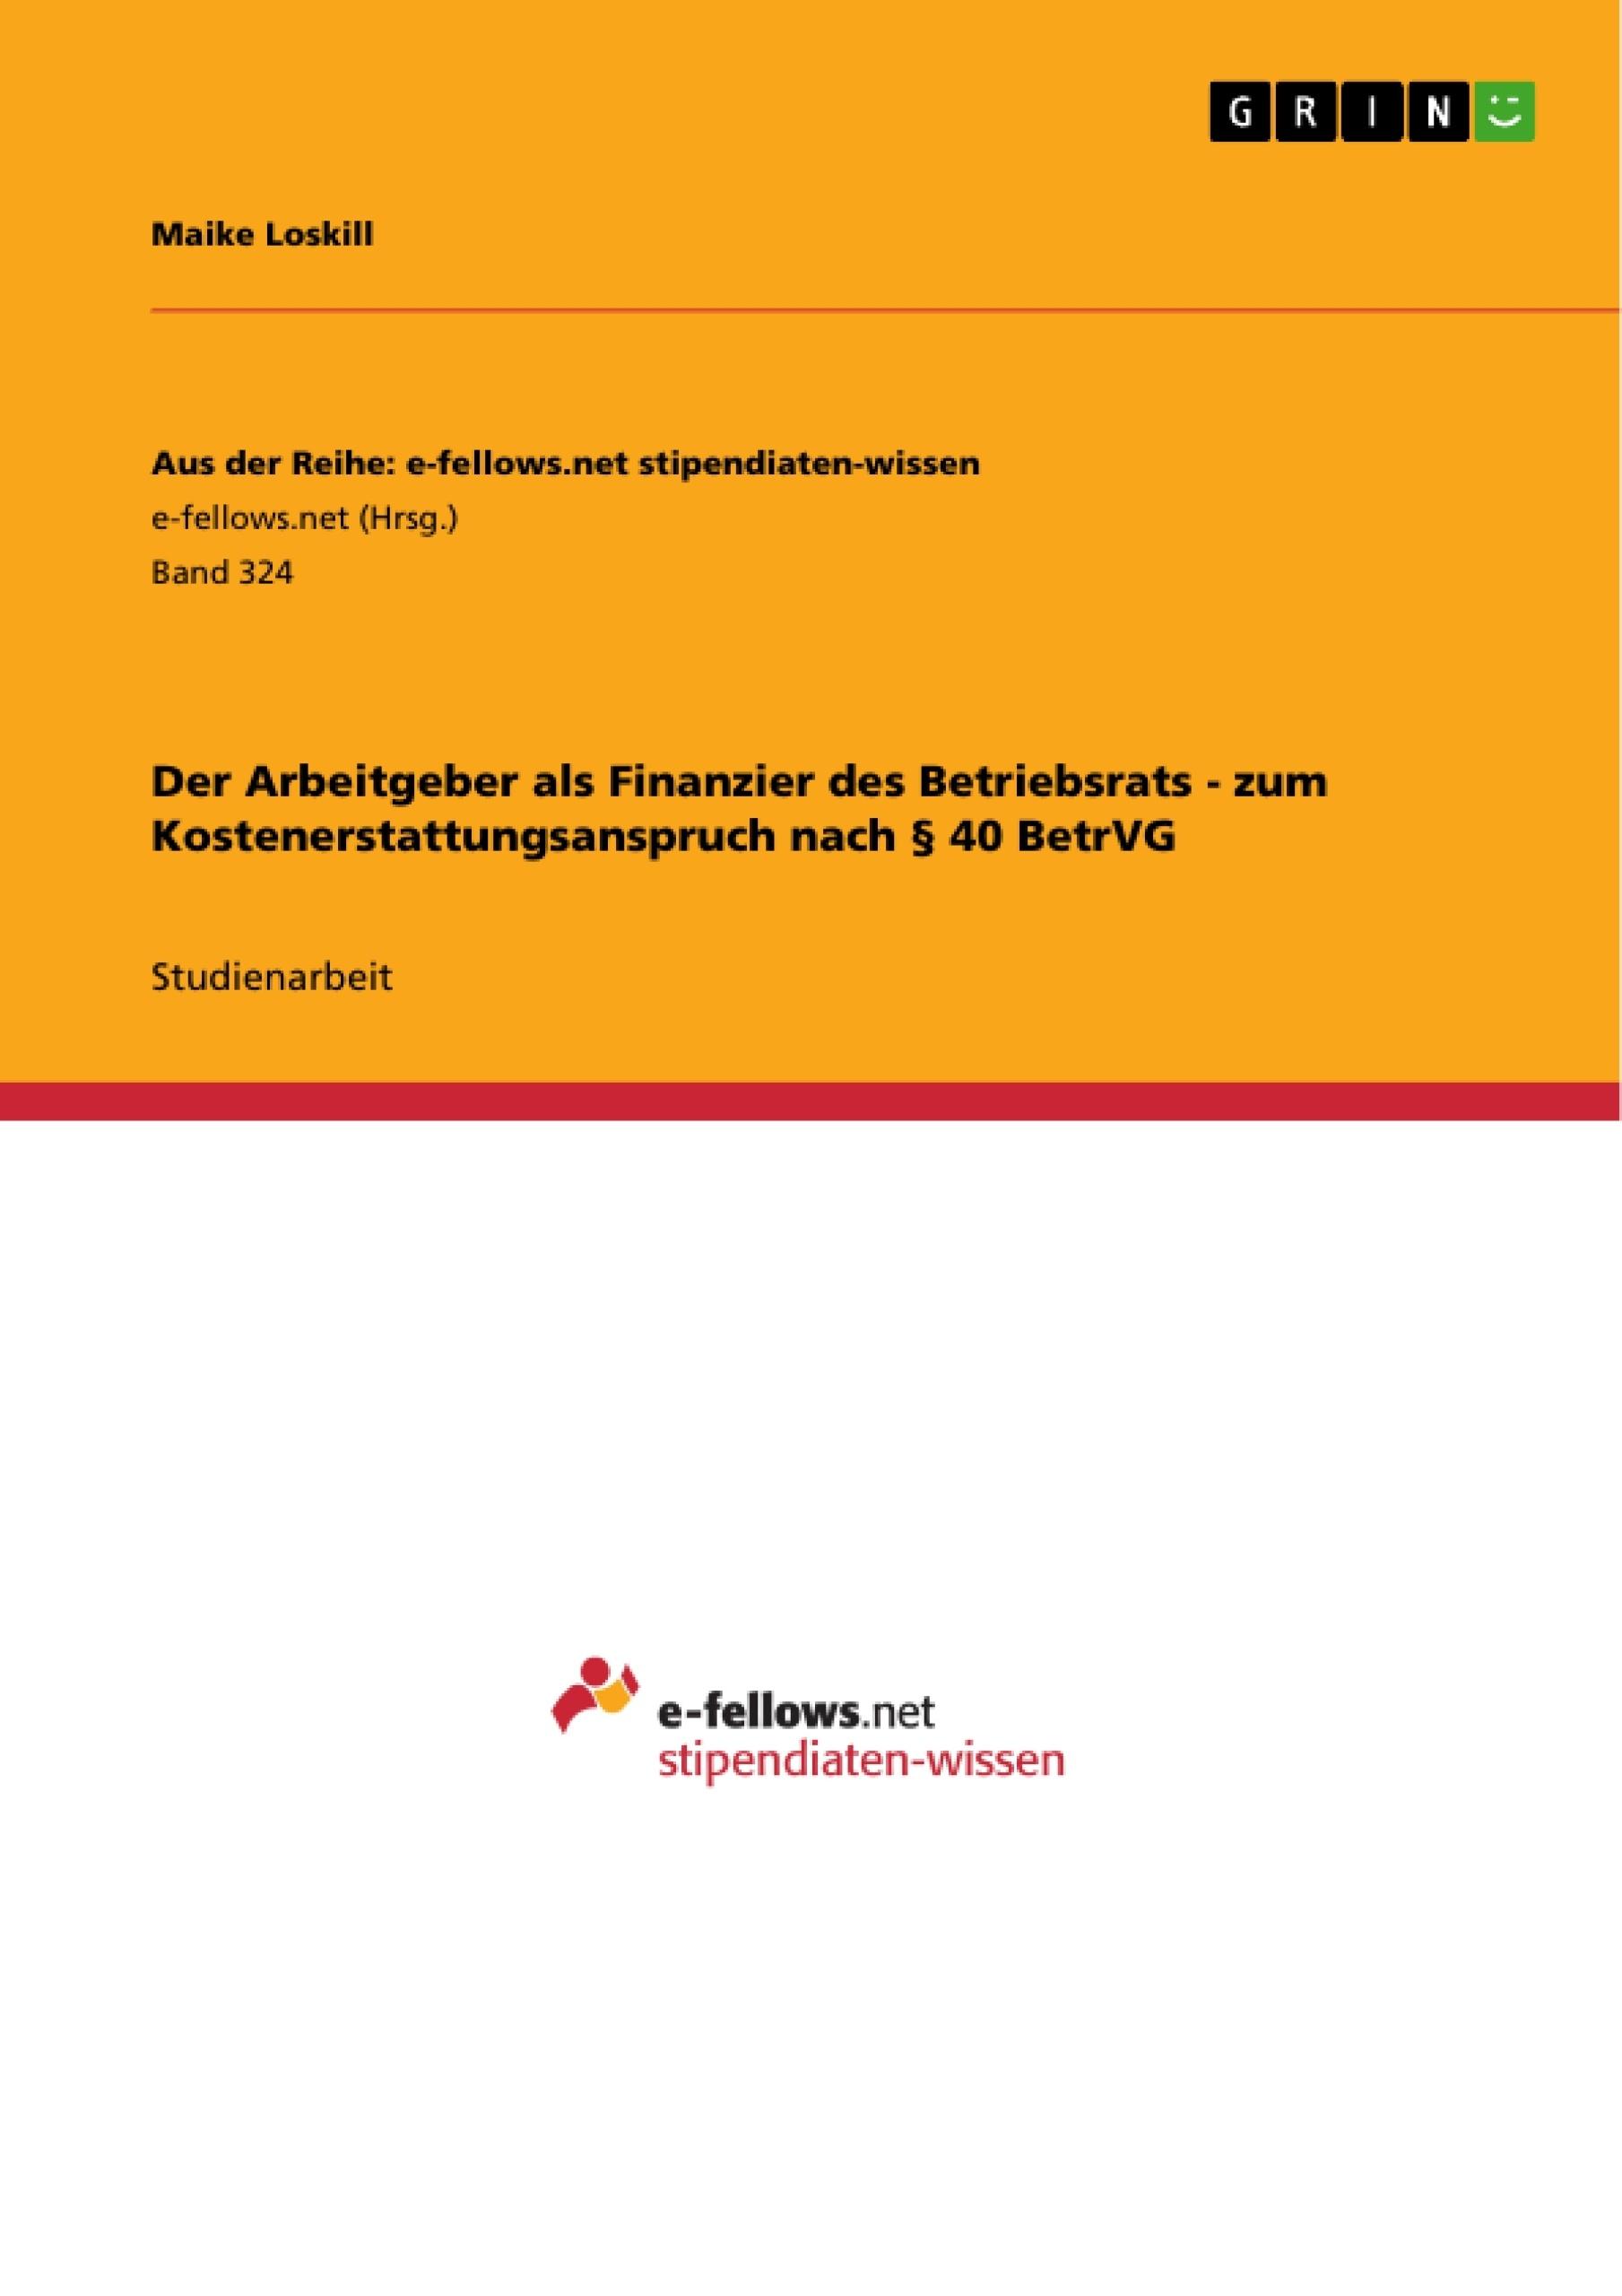 Titel: Der Arbeitgeber als Finanzier des Betriebsrats - zum Kostenerstattungsanspruch nach § 40 BetrVG